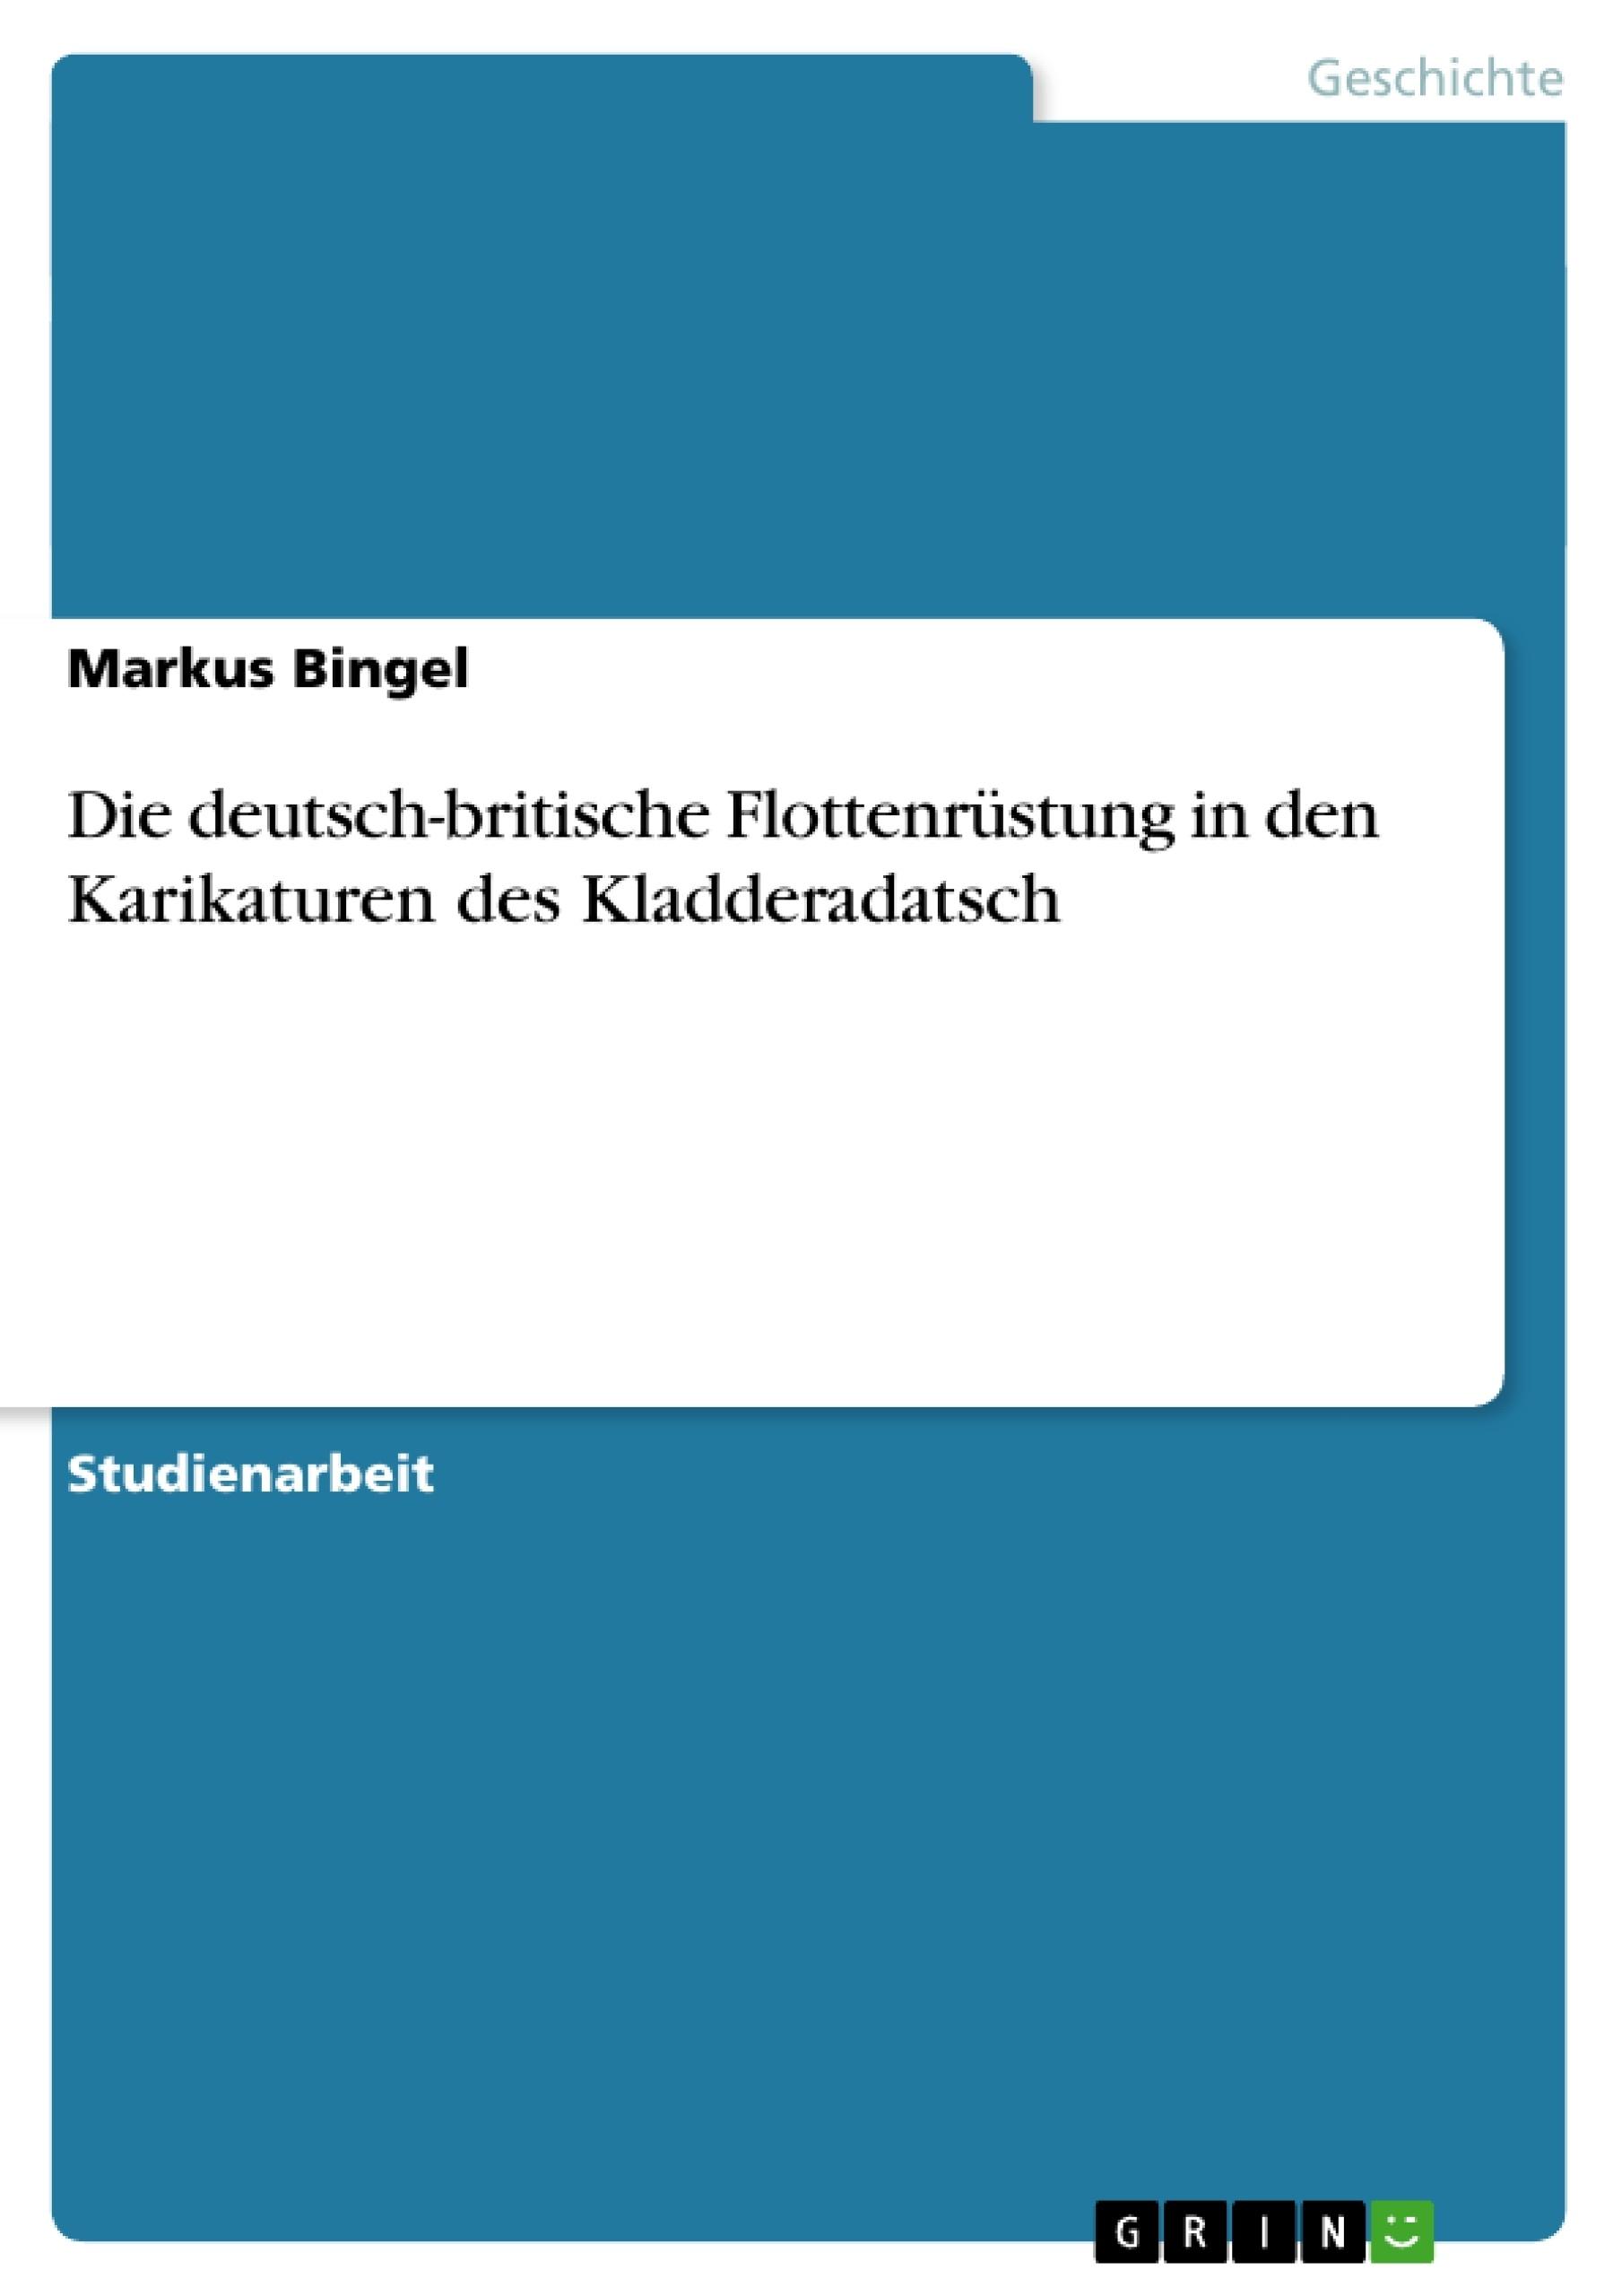 Titel: Die deutsch-britische Flottenrüstung in den Karikaturen des Kladderadatsch